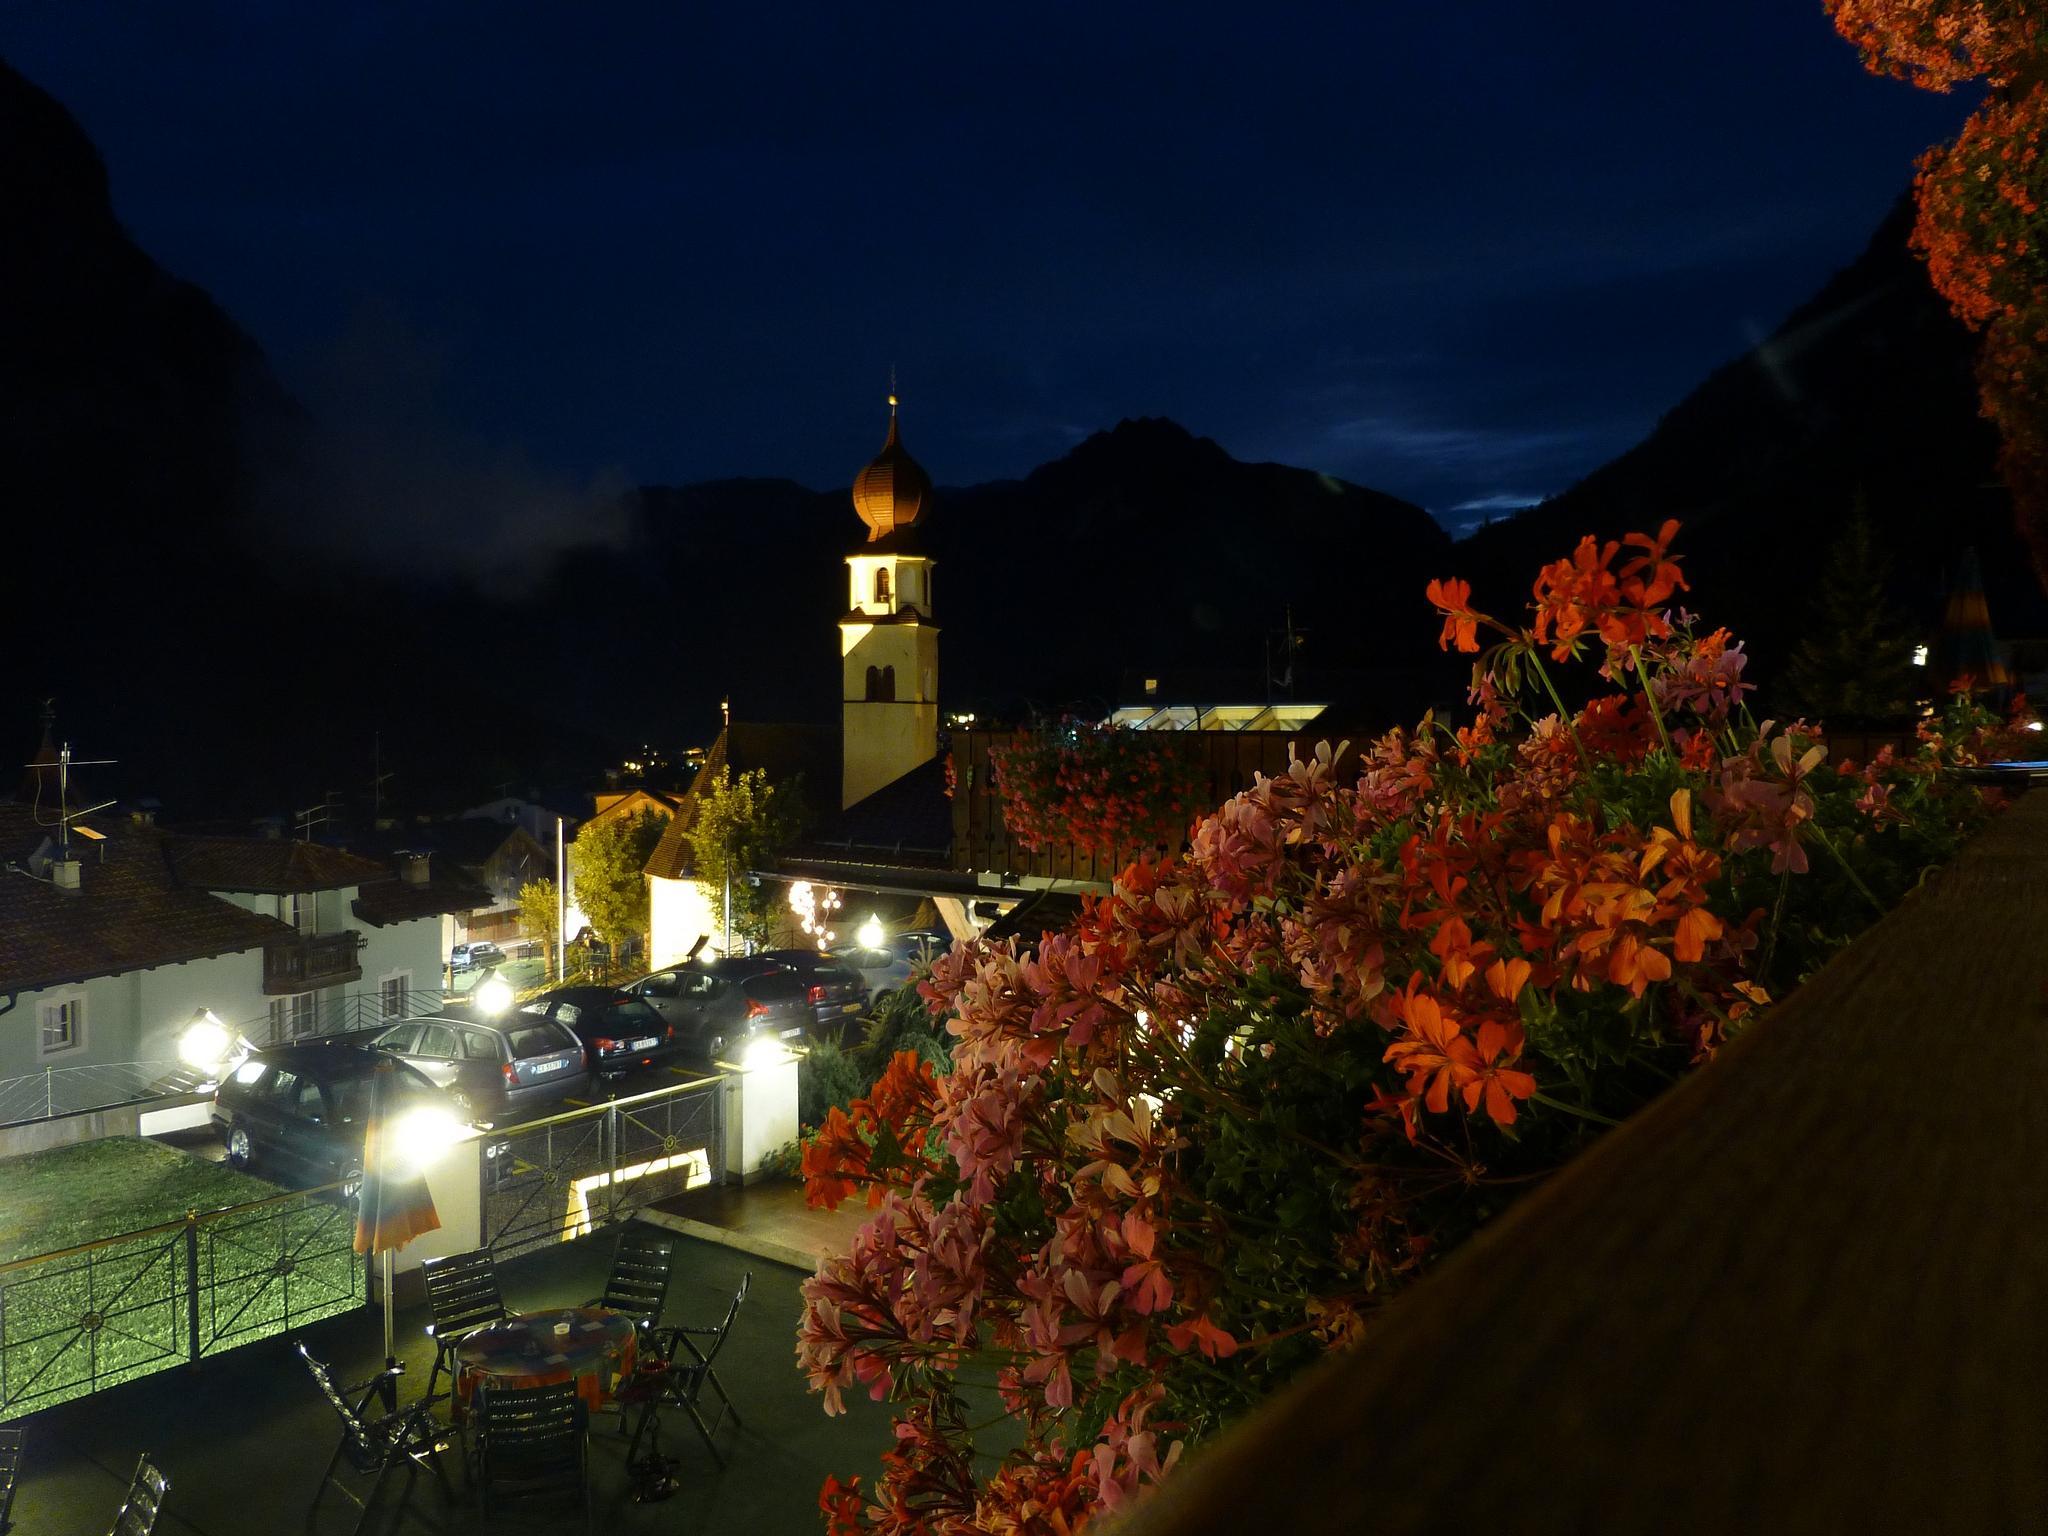 Night at Canazei by Ilia Lotosh